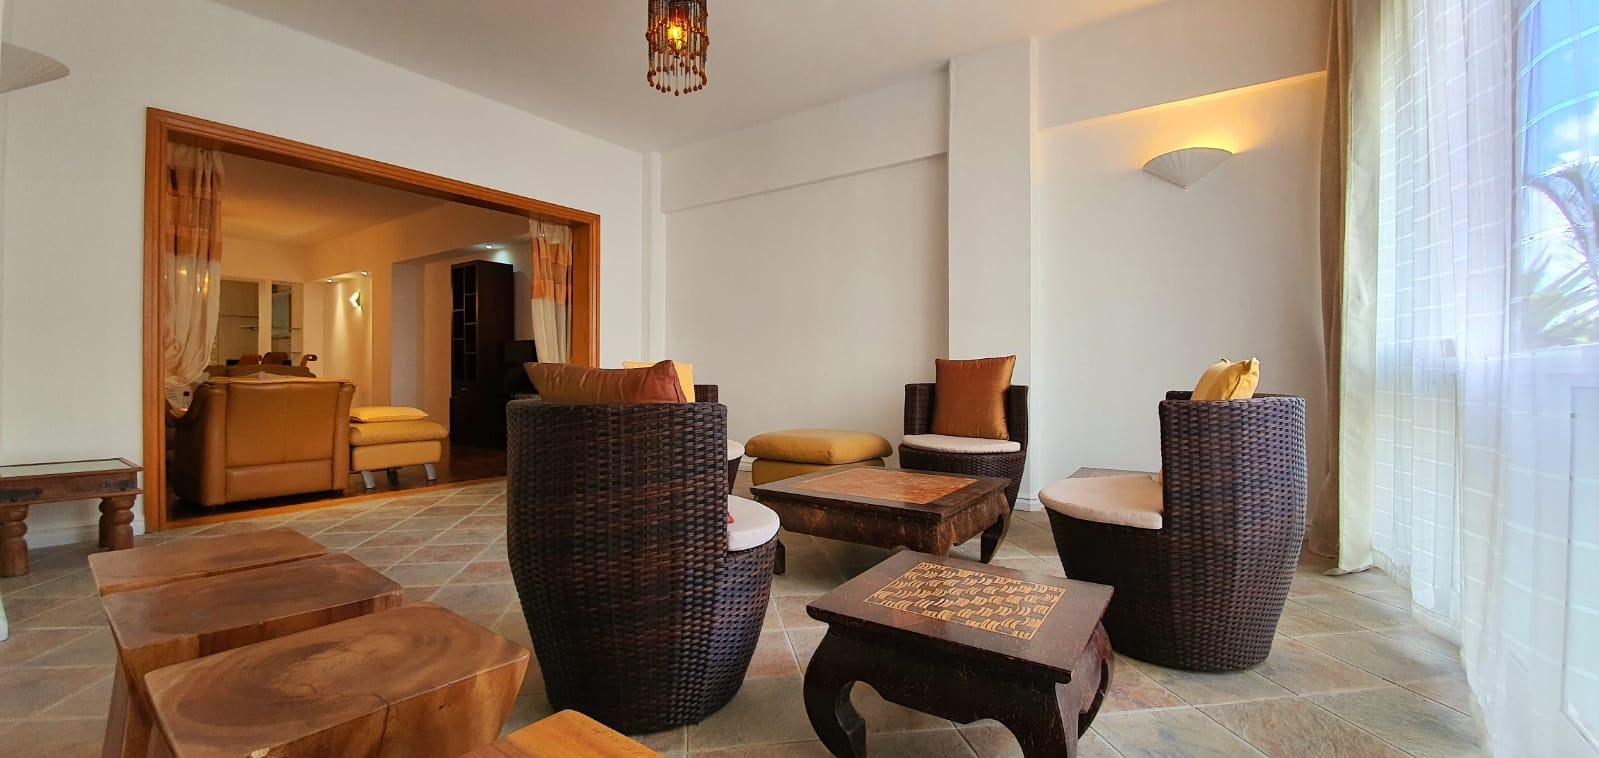 A VENDRE – magnifique appartement au rez-de-chaussée de 185 m2 meublé et équipé se situe à quelques minutes du centre commercial So'Flo à Floréal.